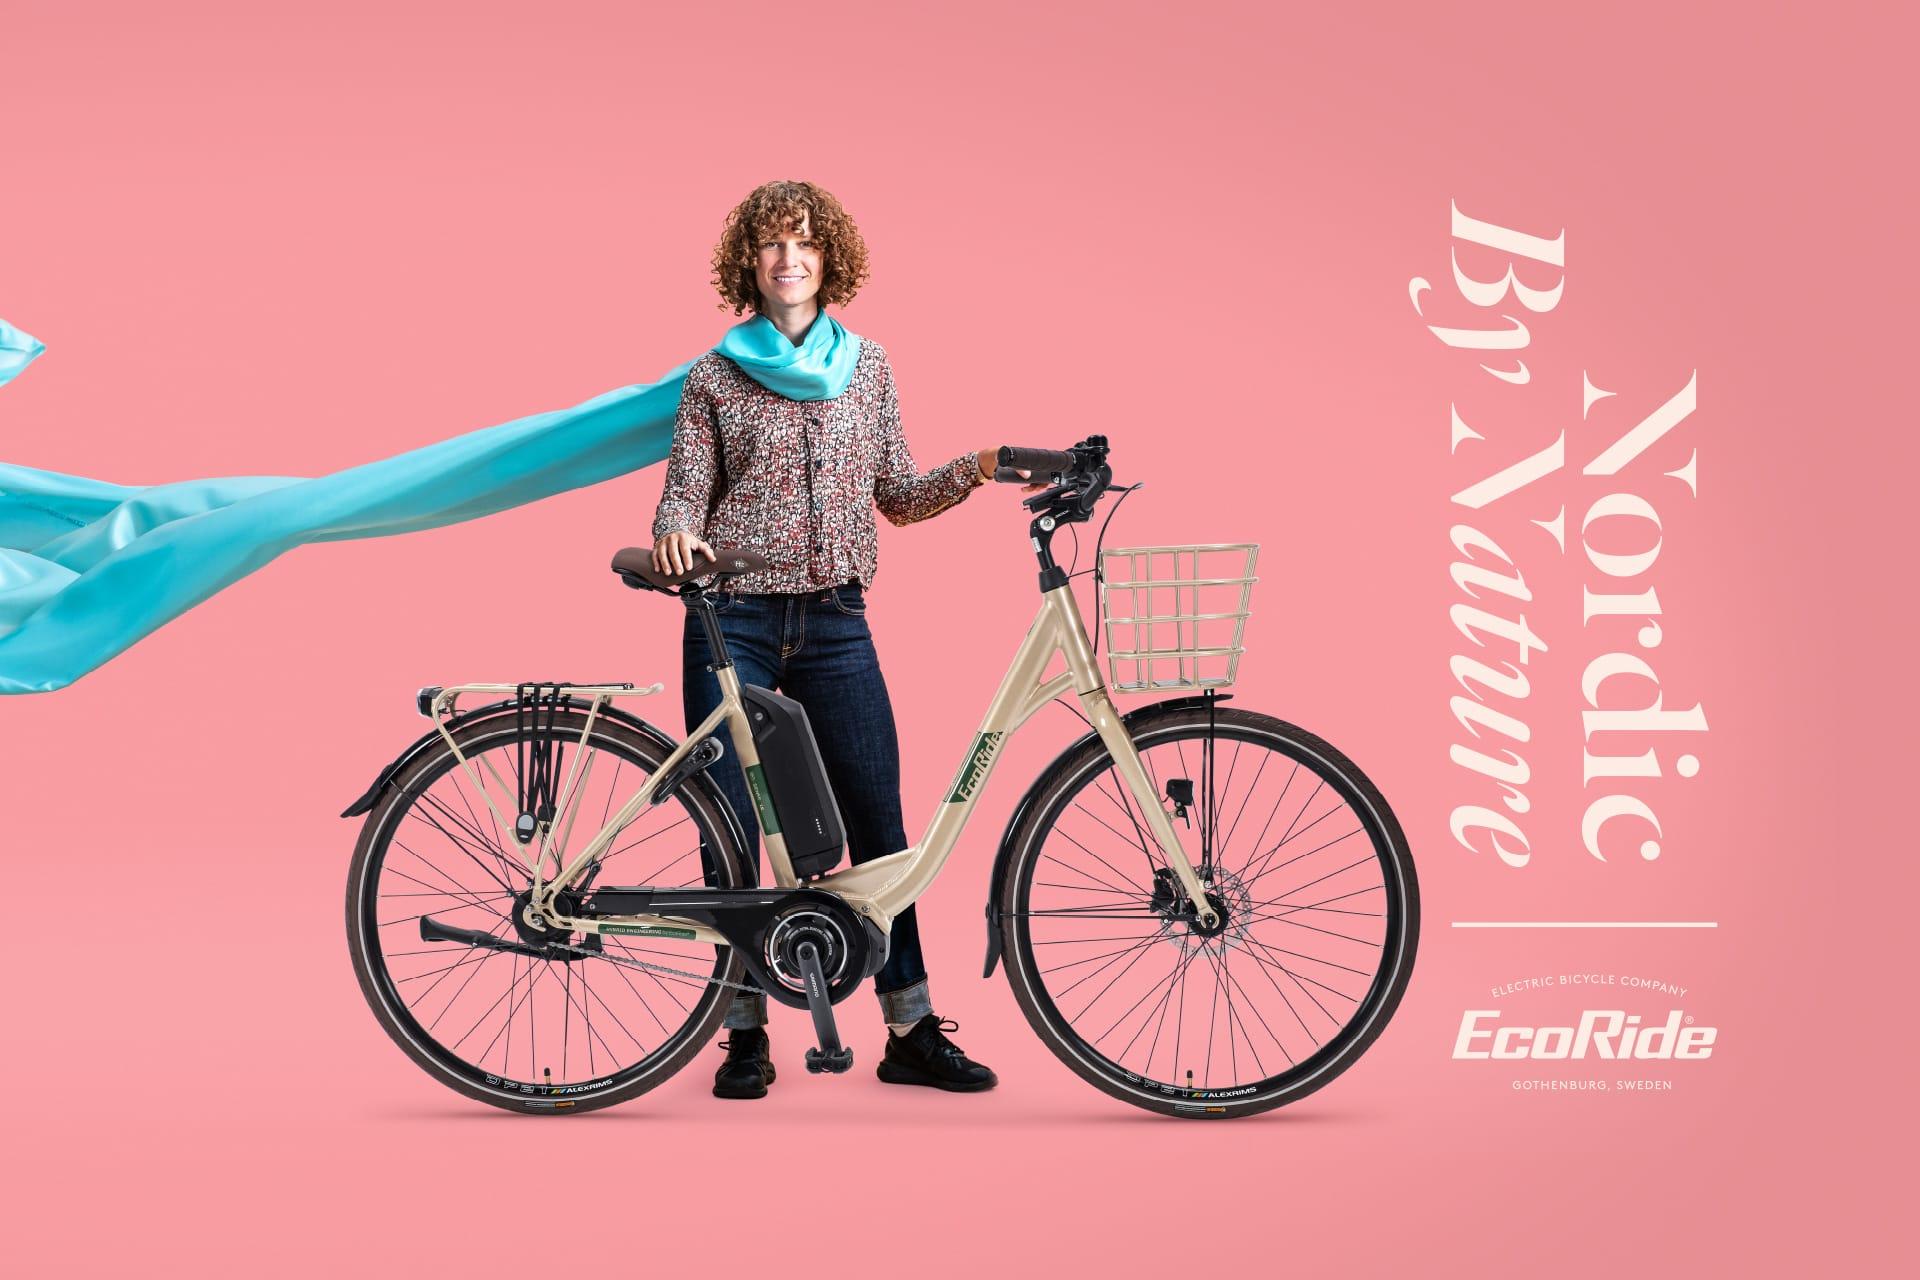 Ecoride_Branding_Design_mnecander-1